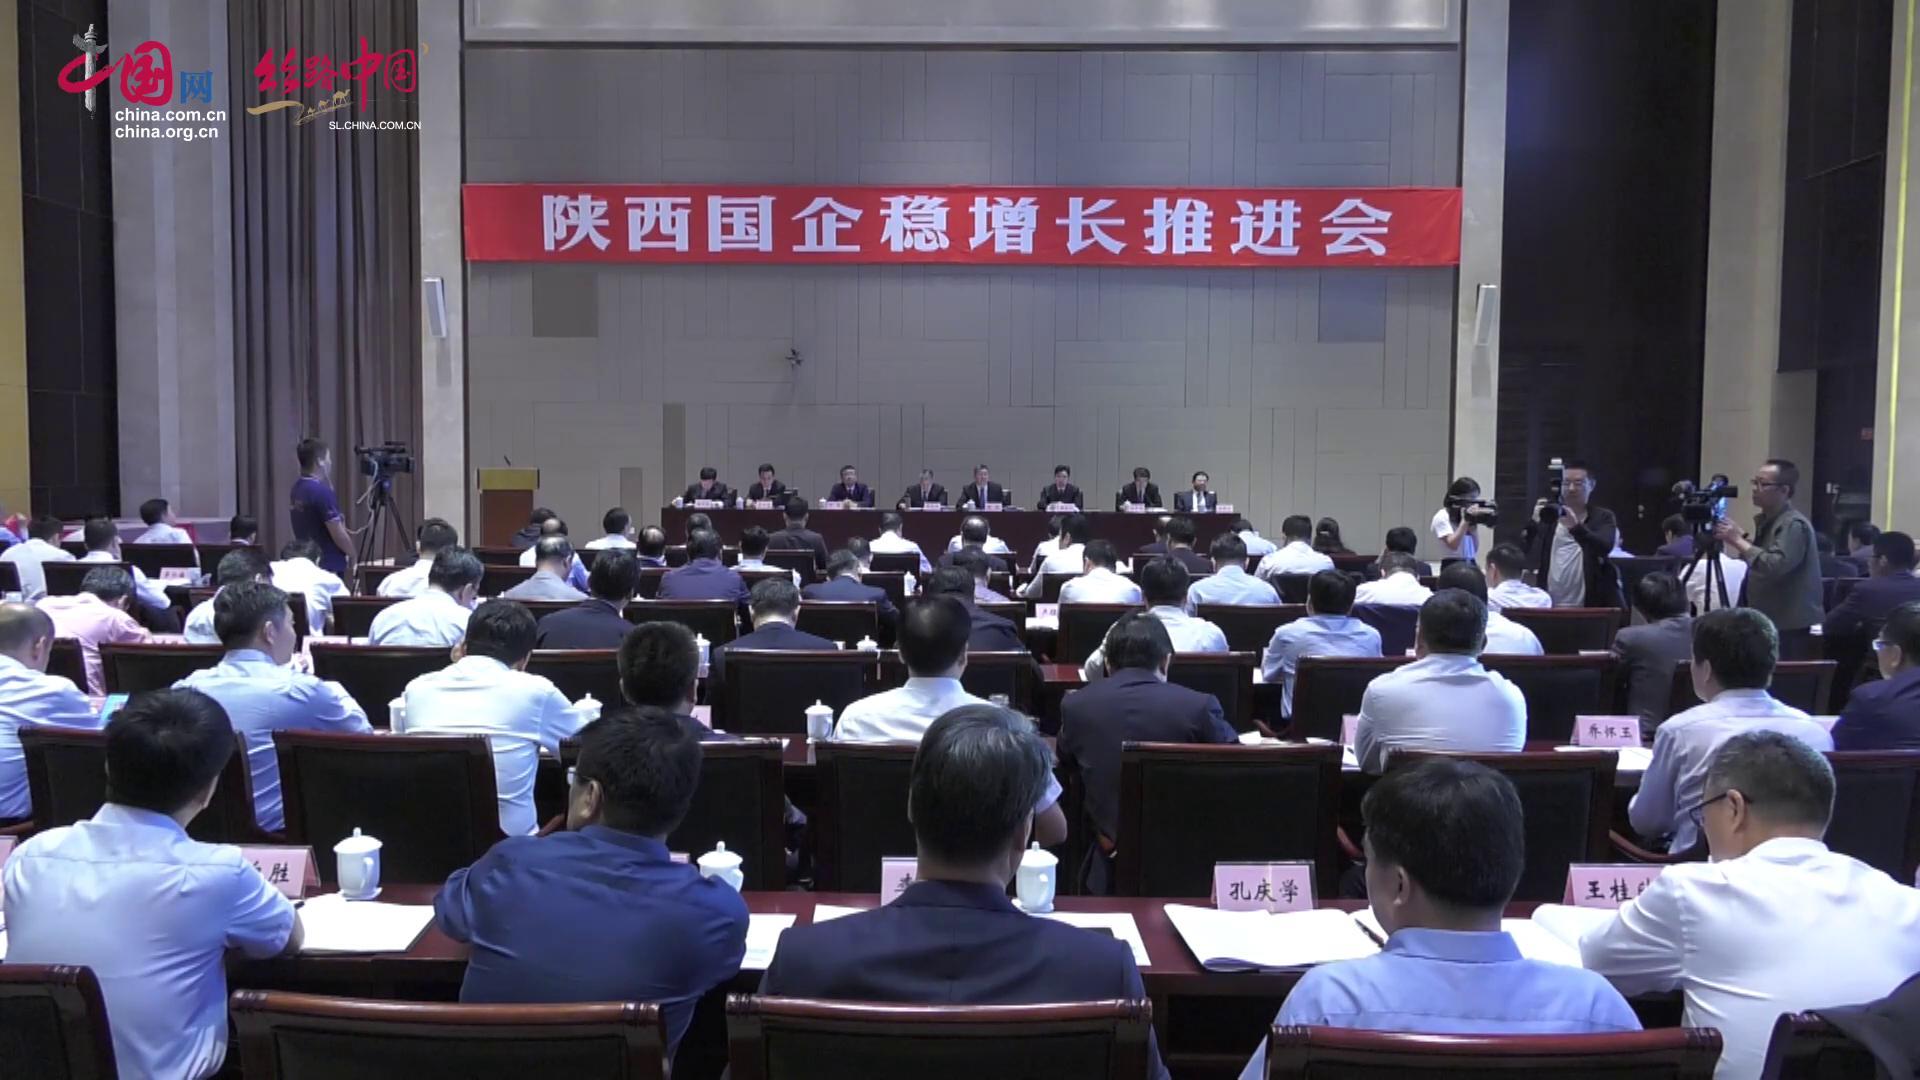 【视频】陕西省国资委:以高质量发展引领推动陕西国企稳定增长